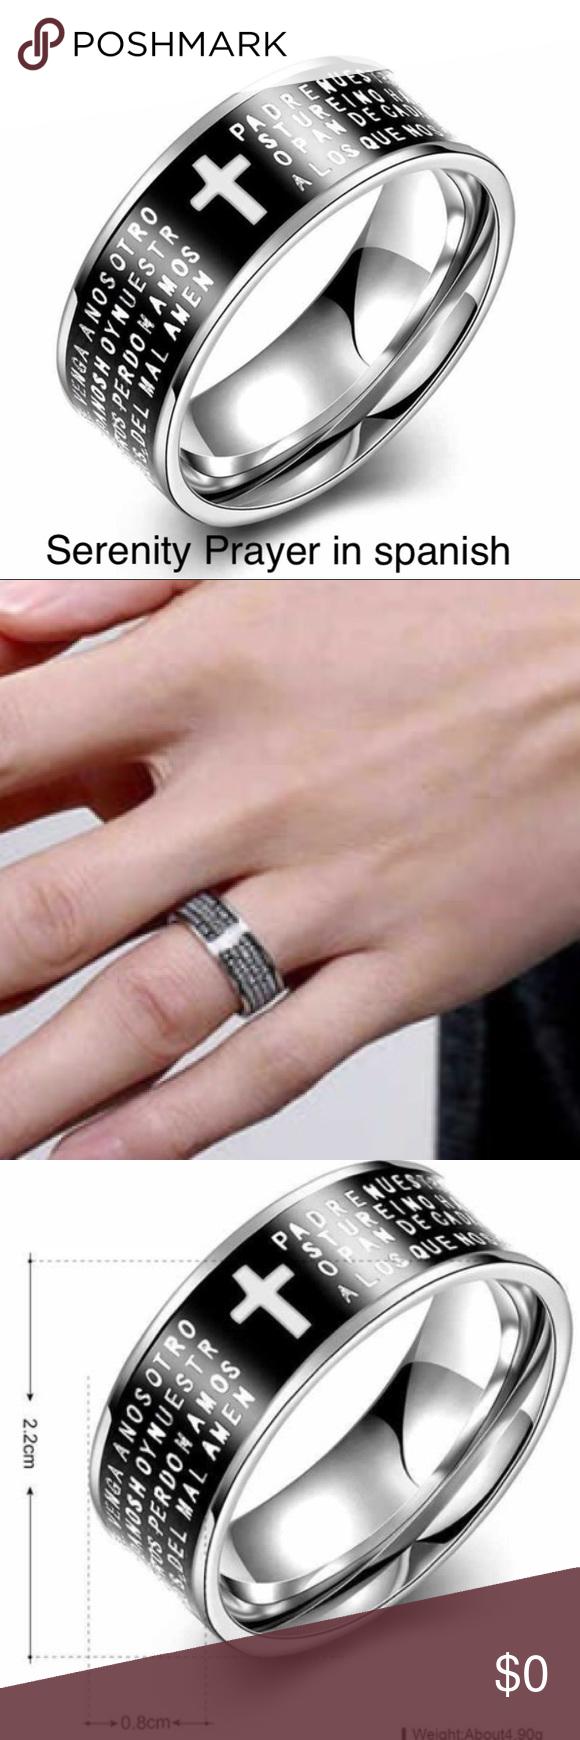 Spanish Serenity Prayer ring. Boutique | My Posh Picks | Pinterest ...